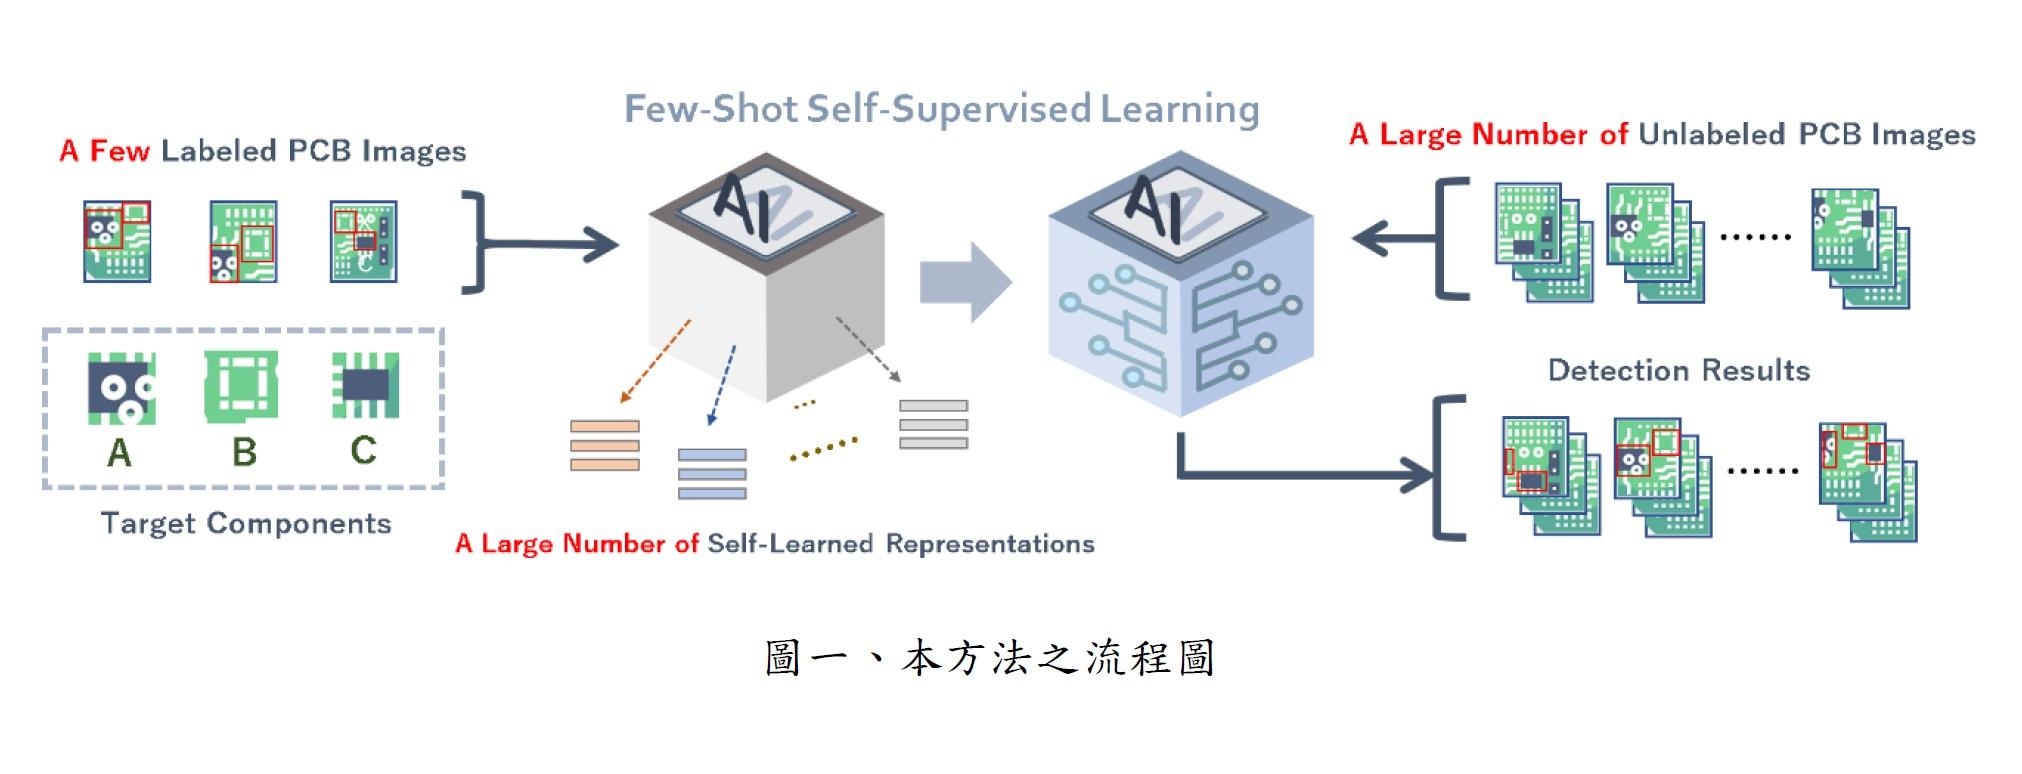 見微知著:基於極少樣本學習之人工智慧光學檢測影像元件偵測